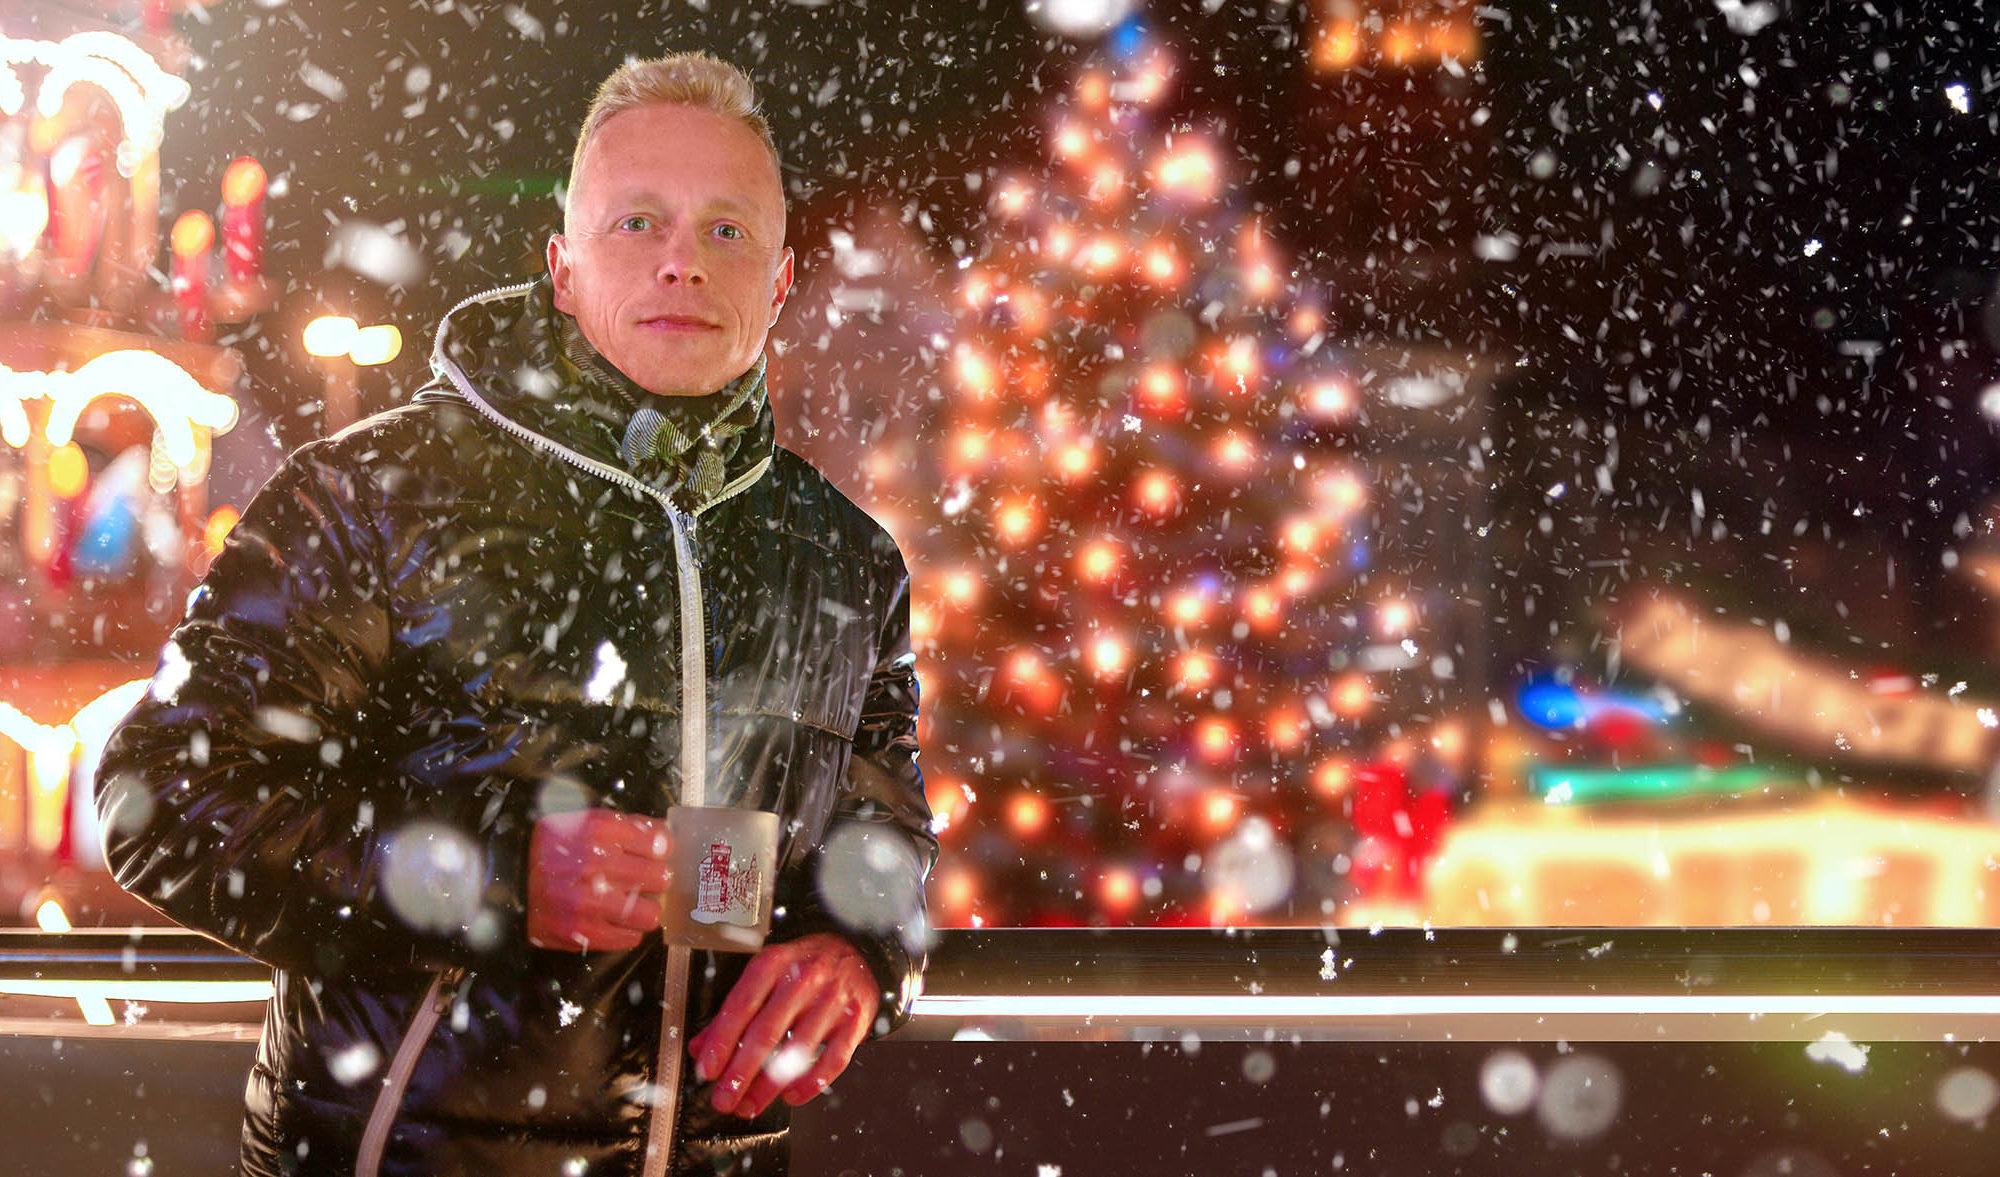 Lars Schieske wünscht Ihnen eine frohe Weihnacht und einen guten Rutsch ins neue Jahr 2020.